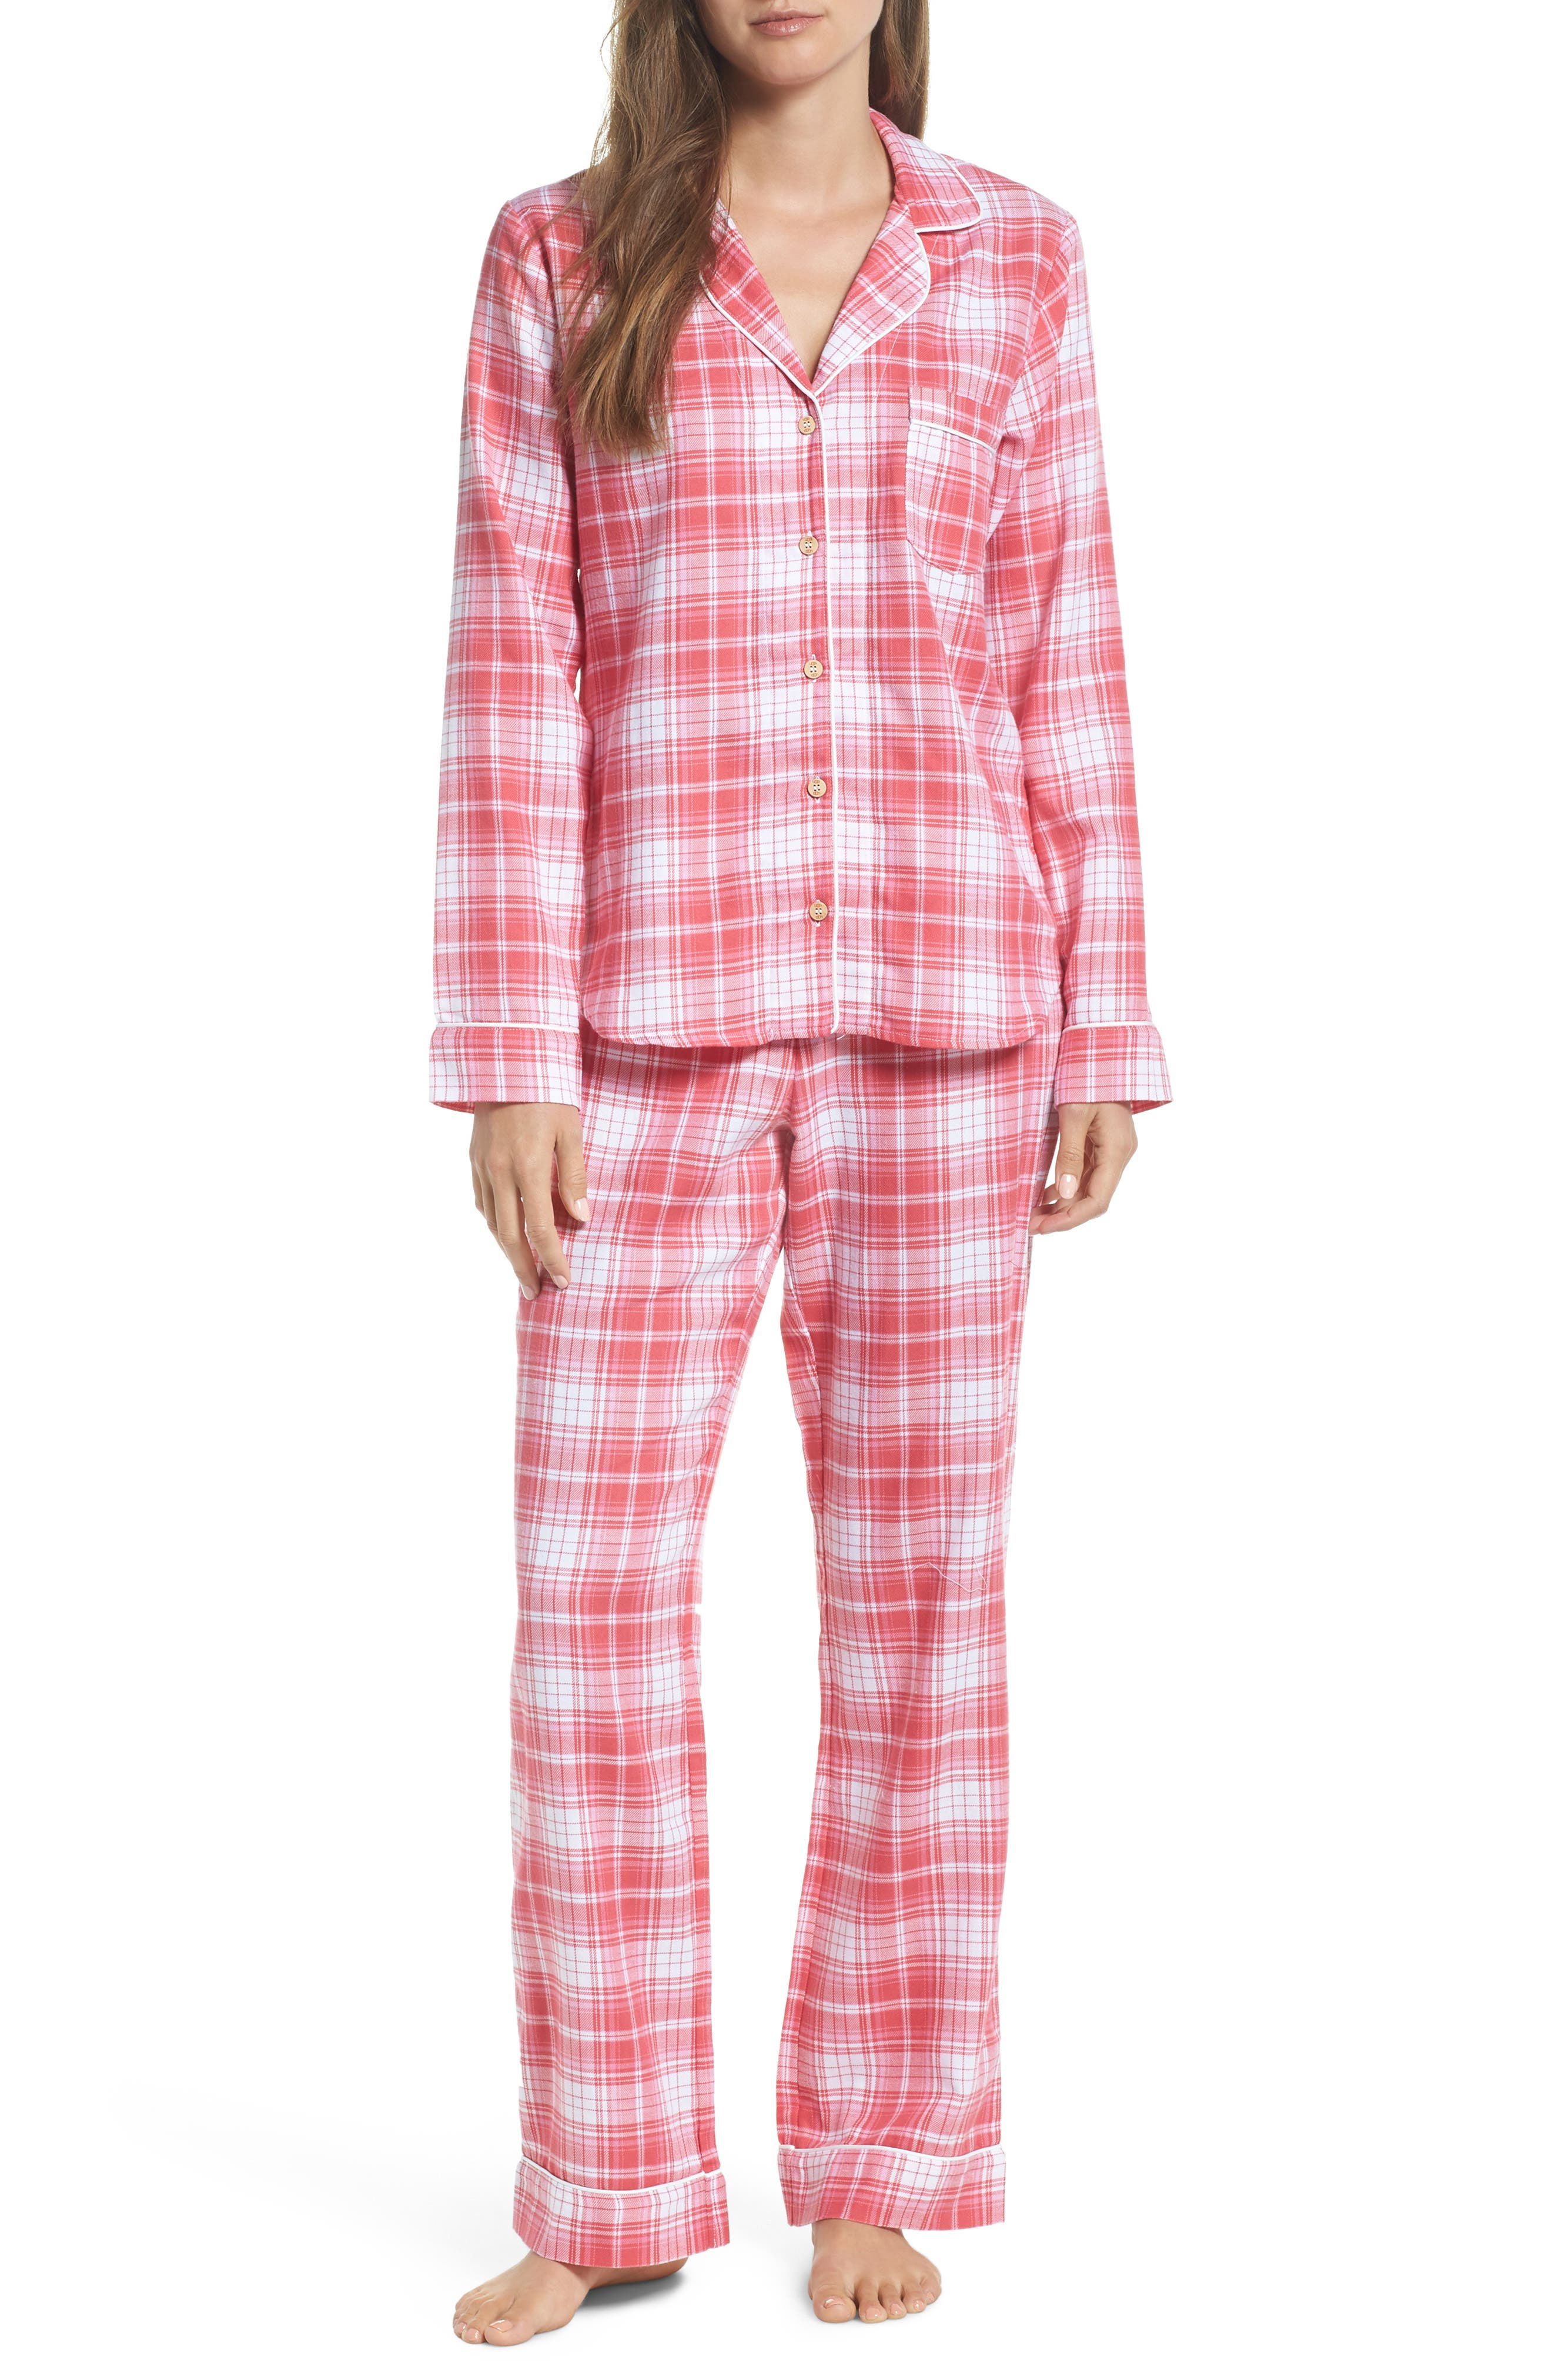 Raven Plaid Pajamas,                         Main,                         color, CLARET RED PLAID